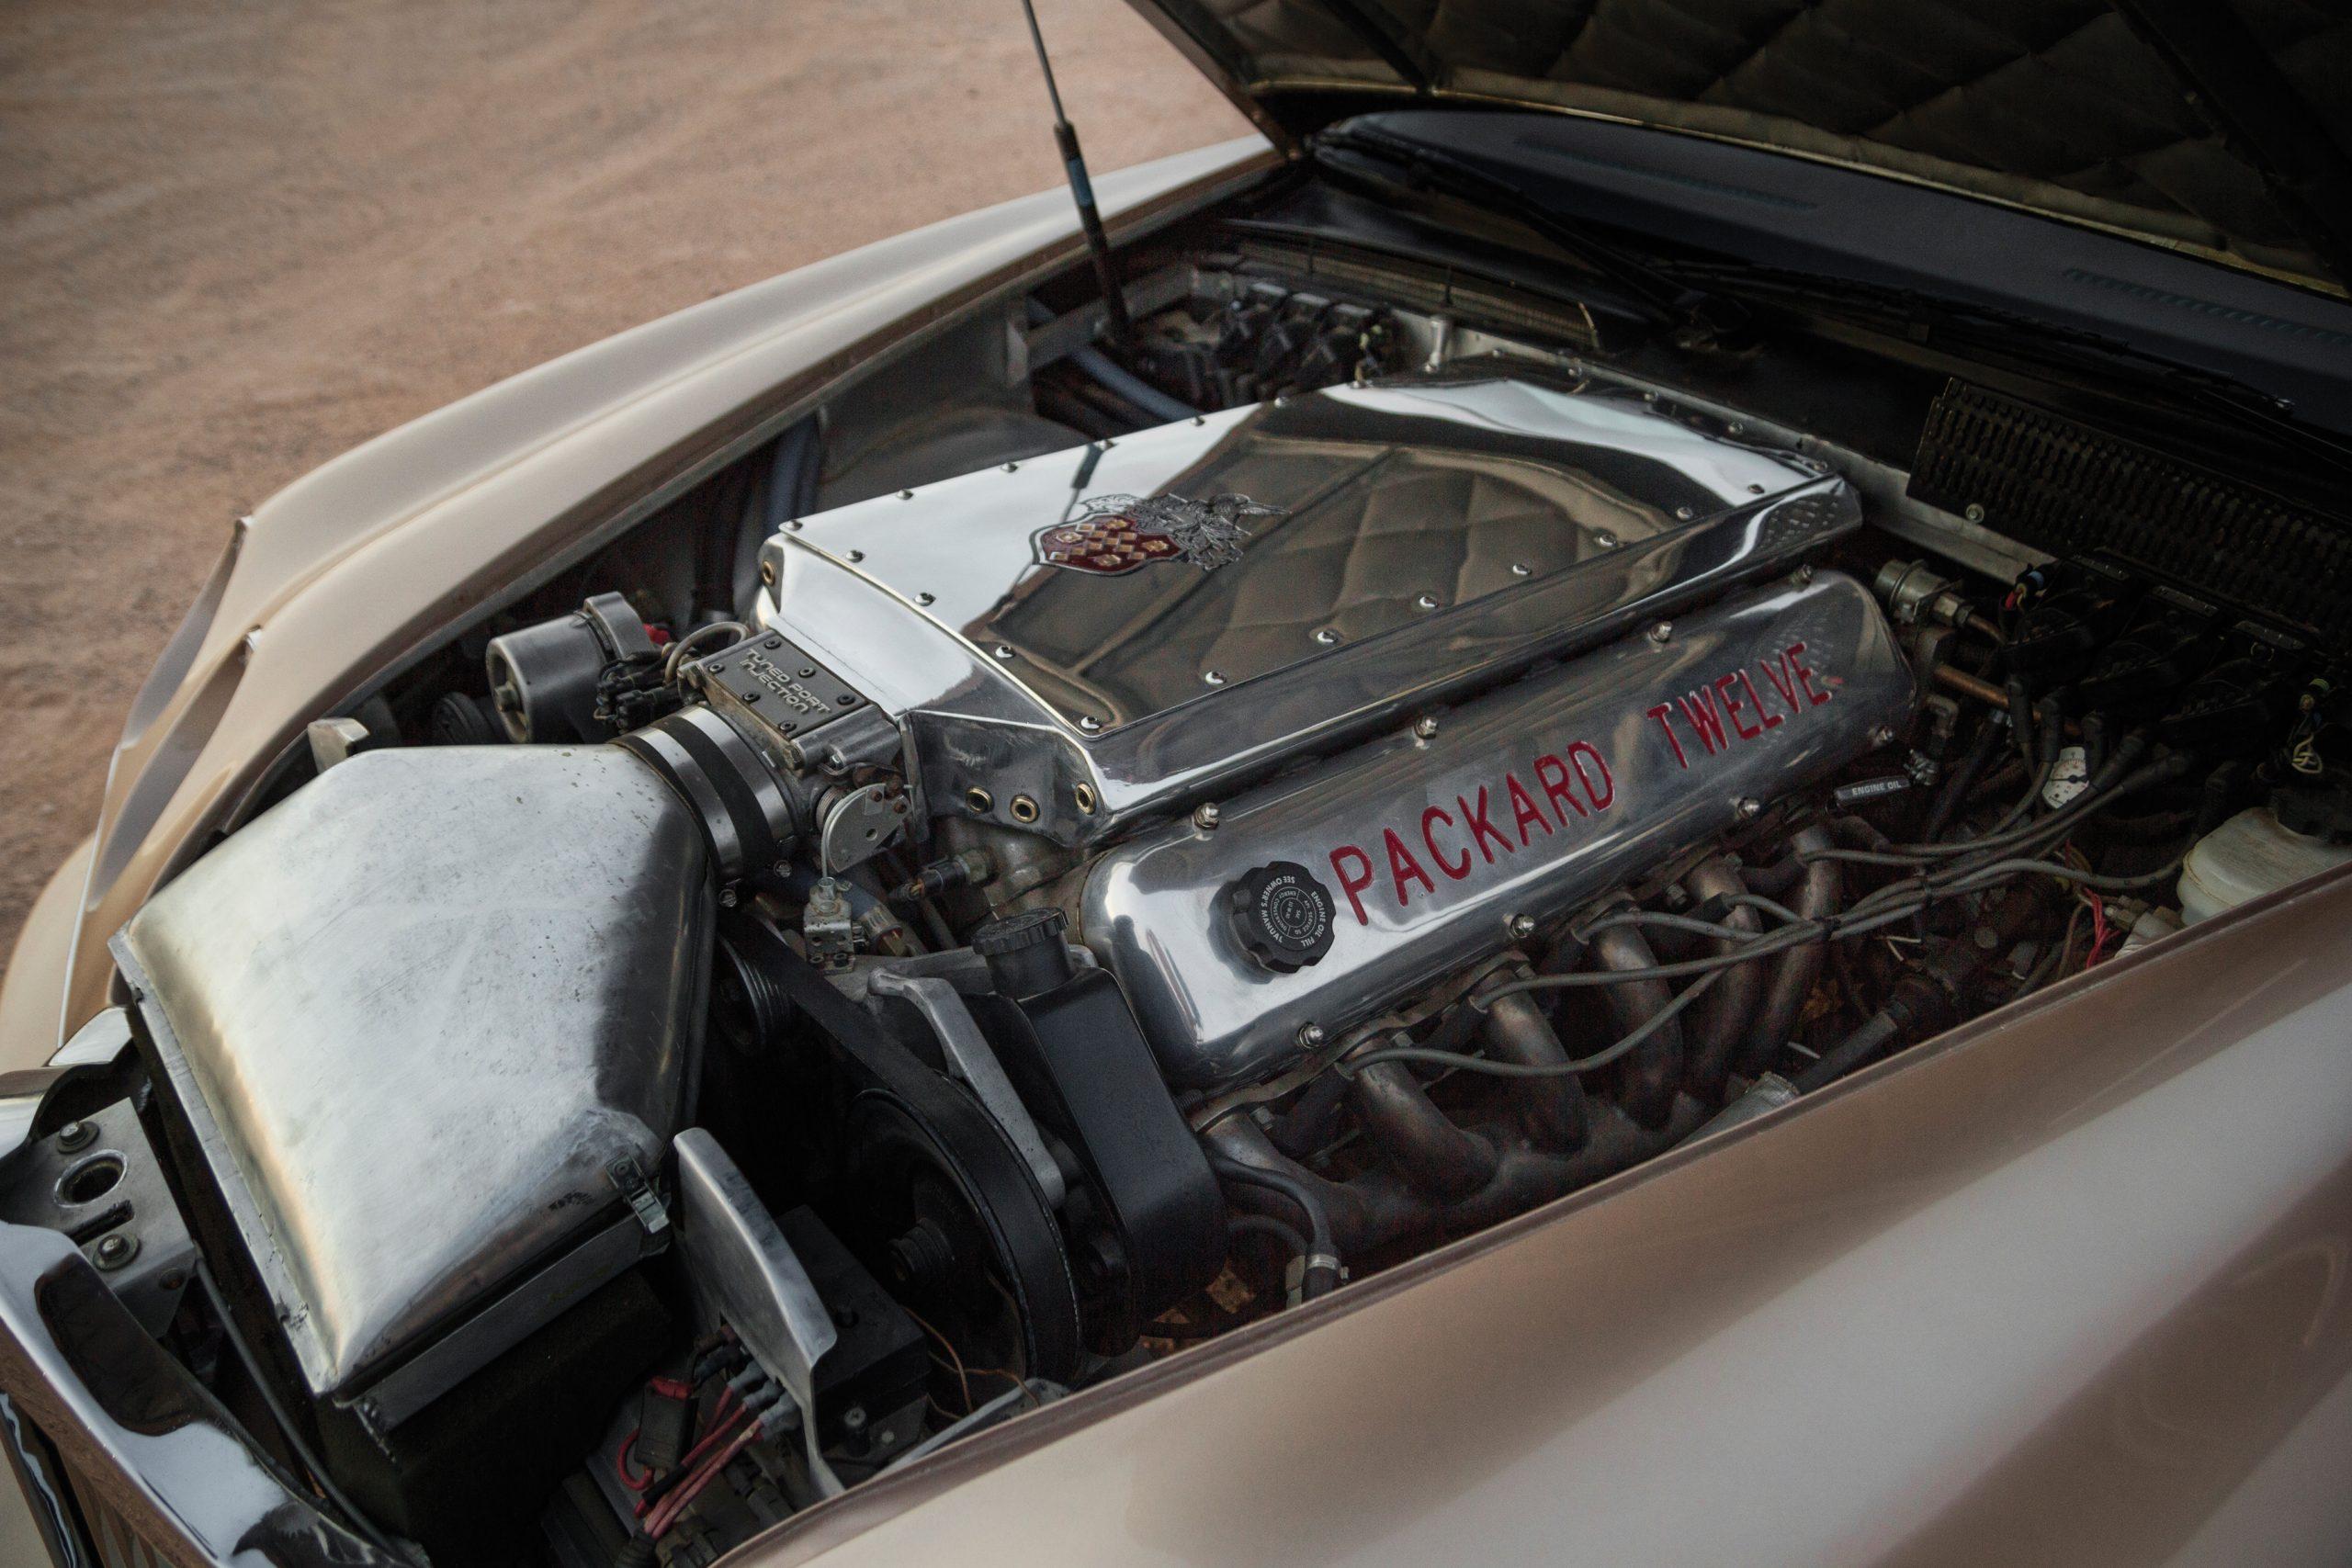 1999 Packard Twelve Prototype engine bay